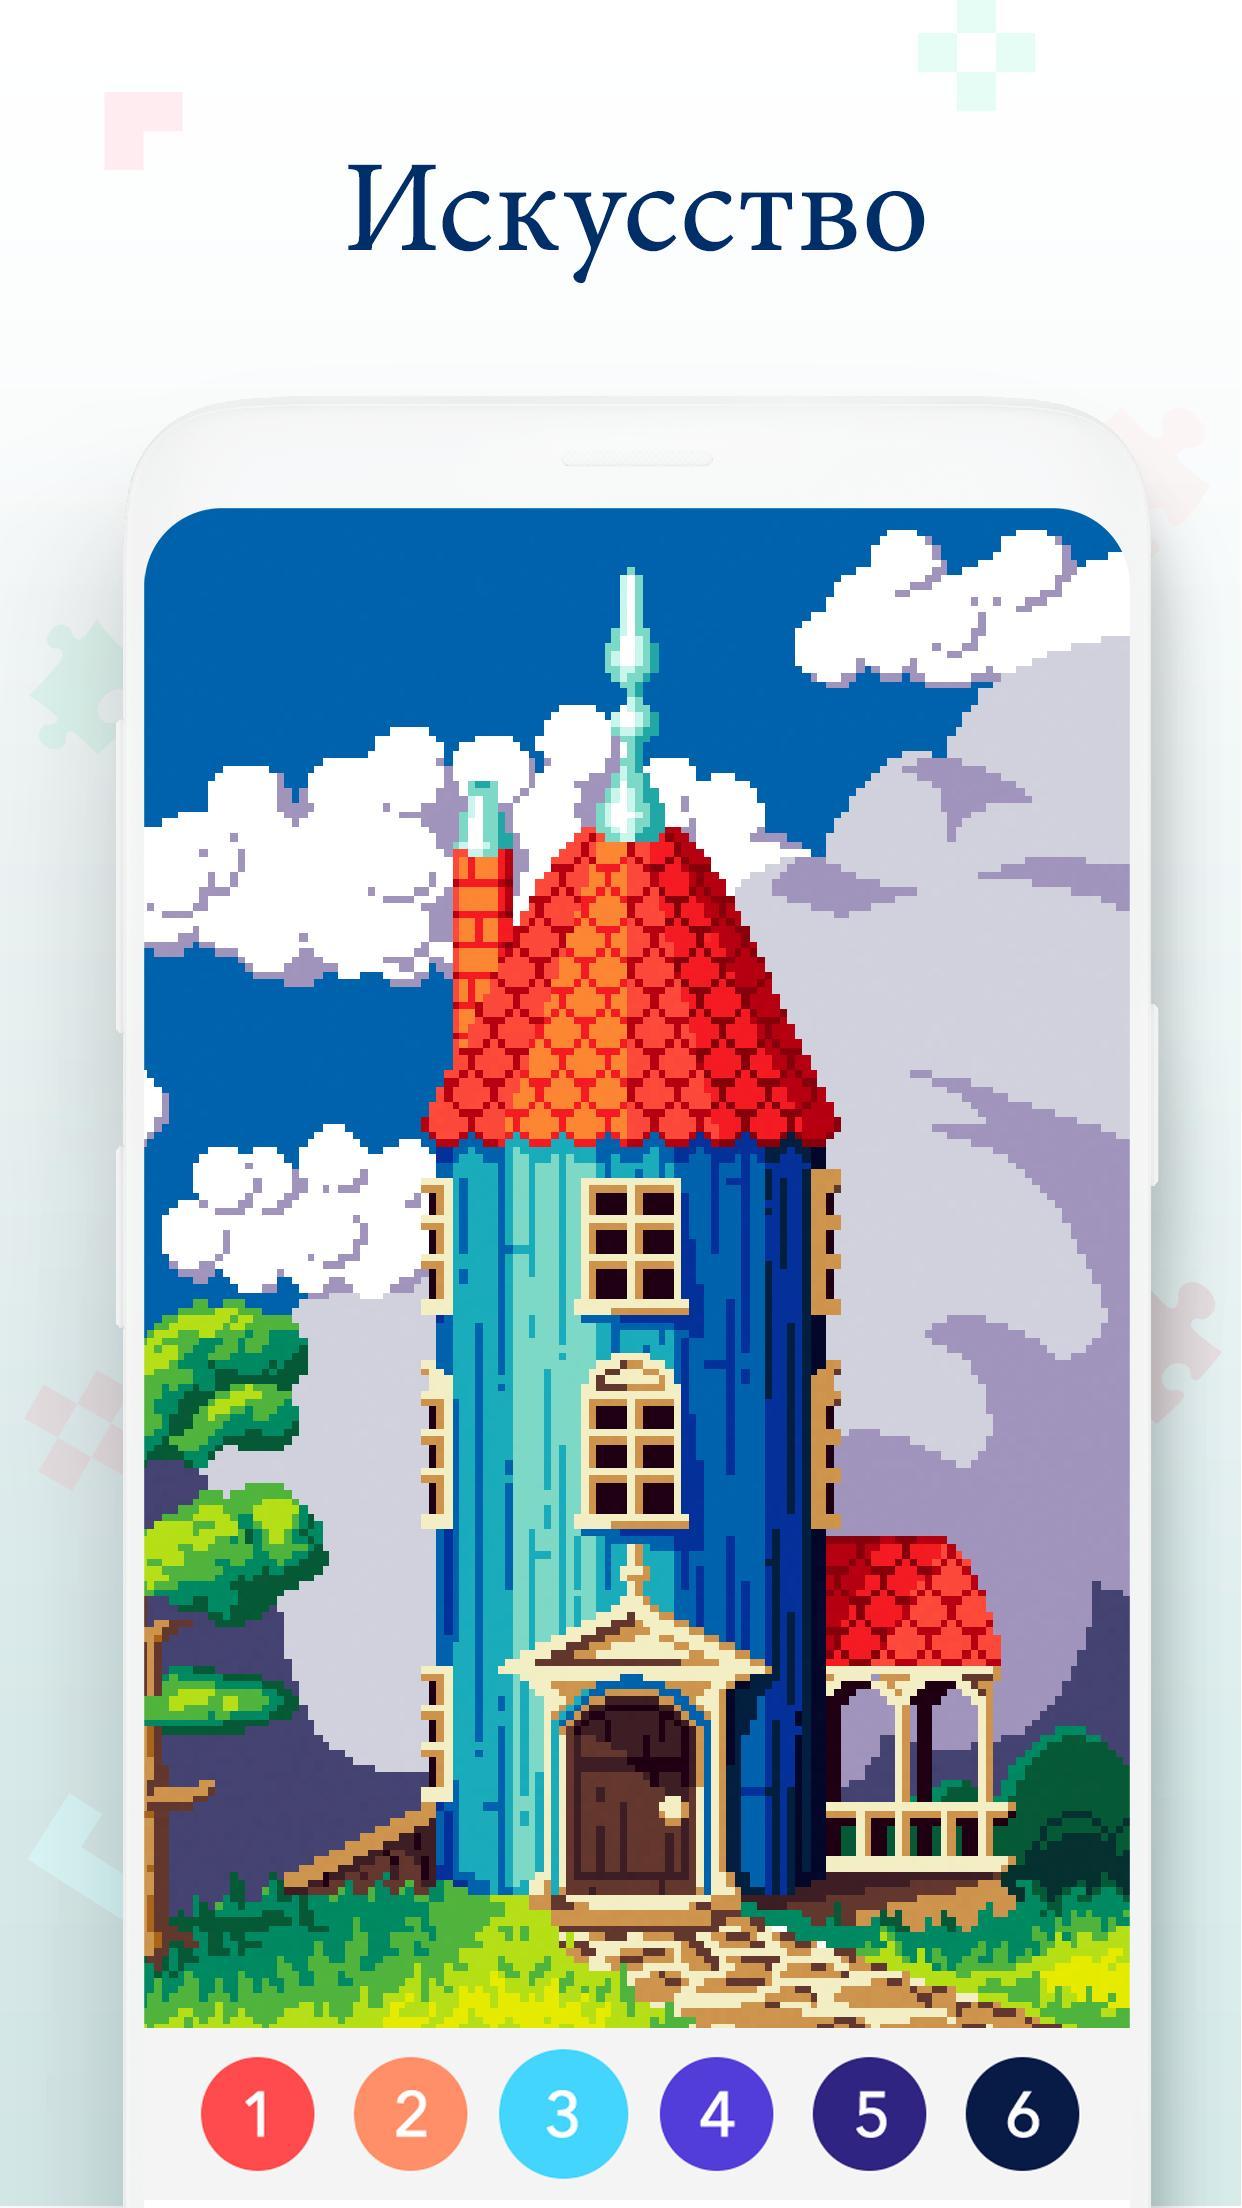 Раскраски по номерам - пиксель арт, картинки для Андроид ...